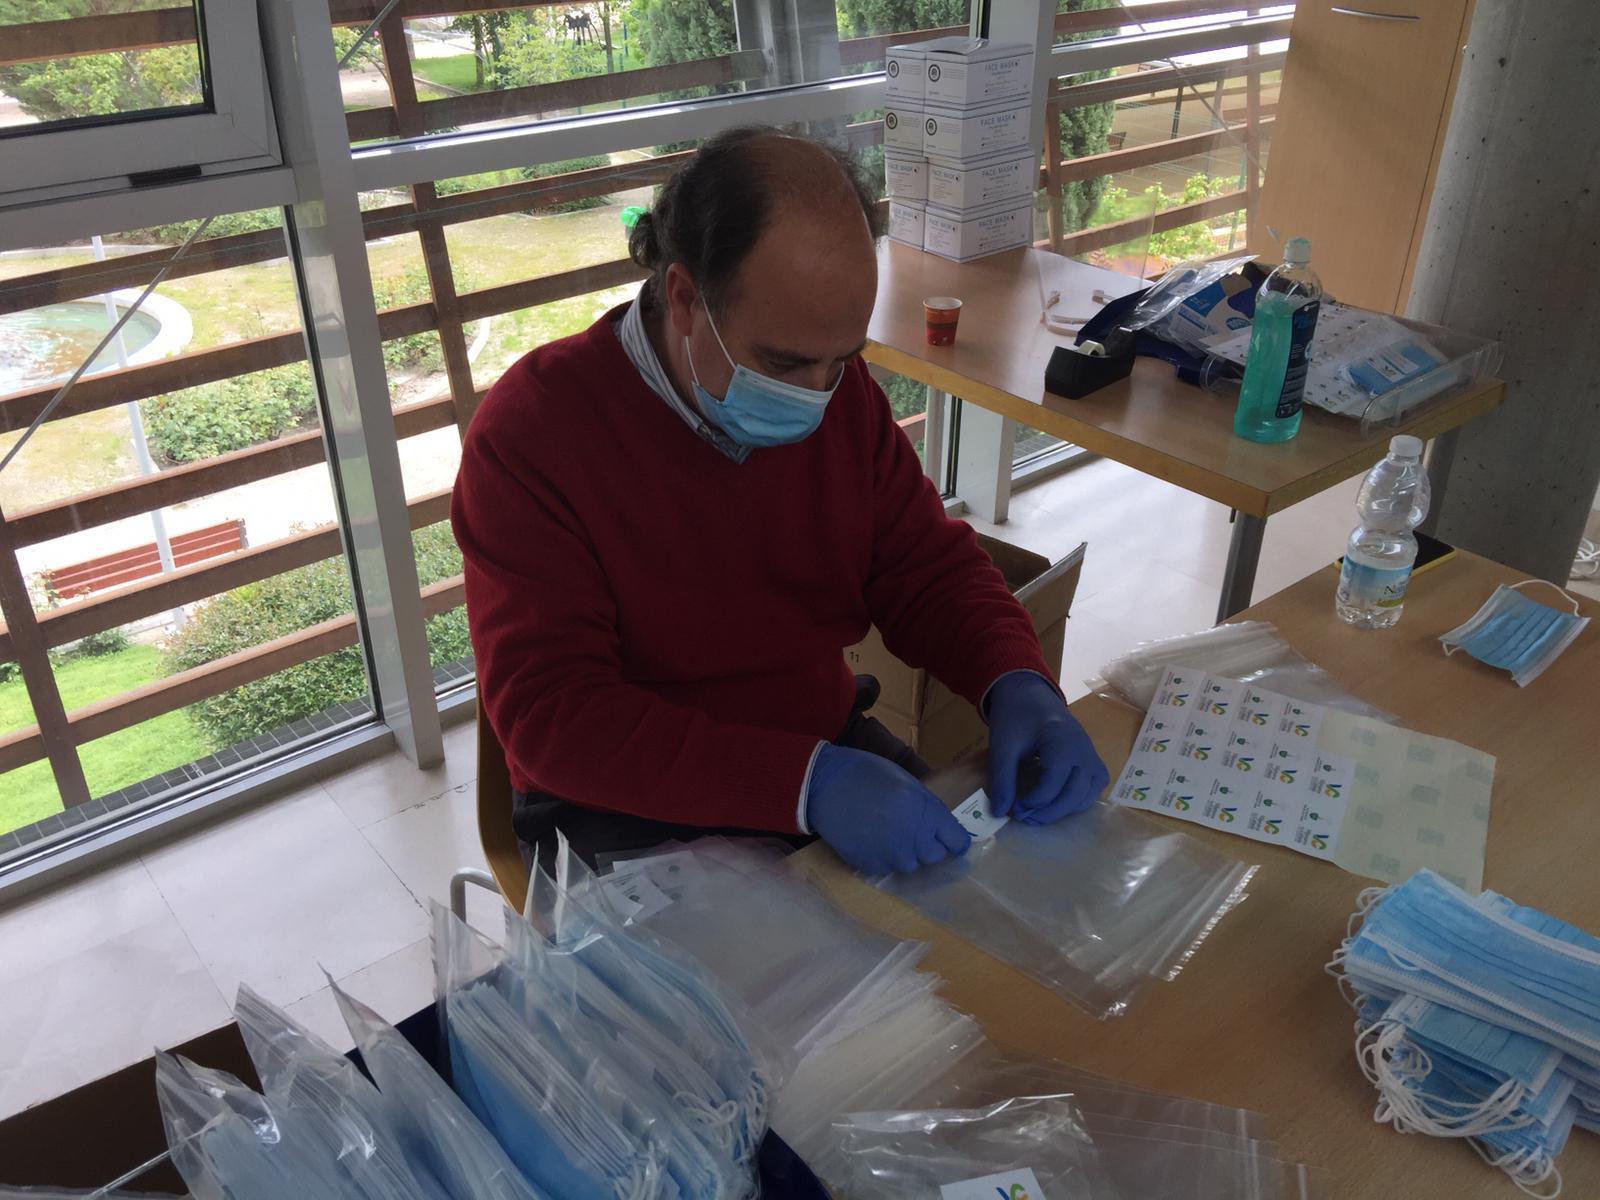 Uno de los voluntarios realizando la labor de etiquetado de las mismas.